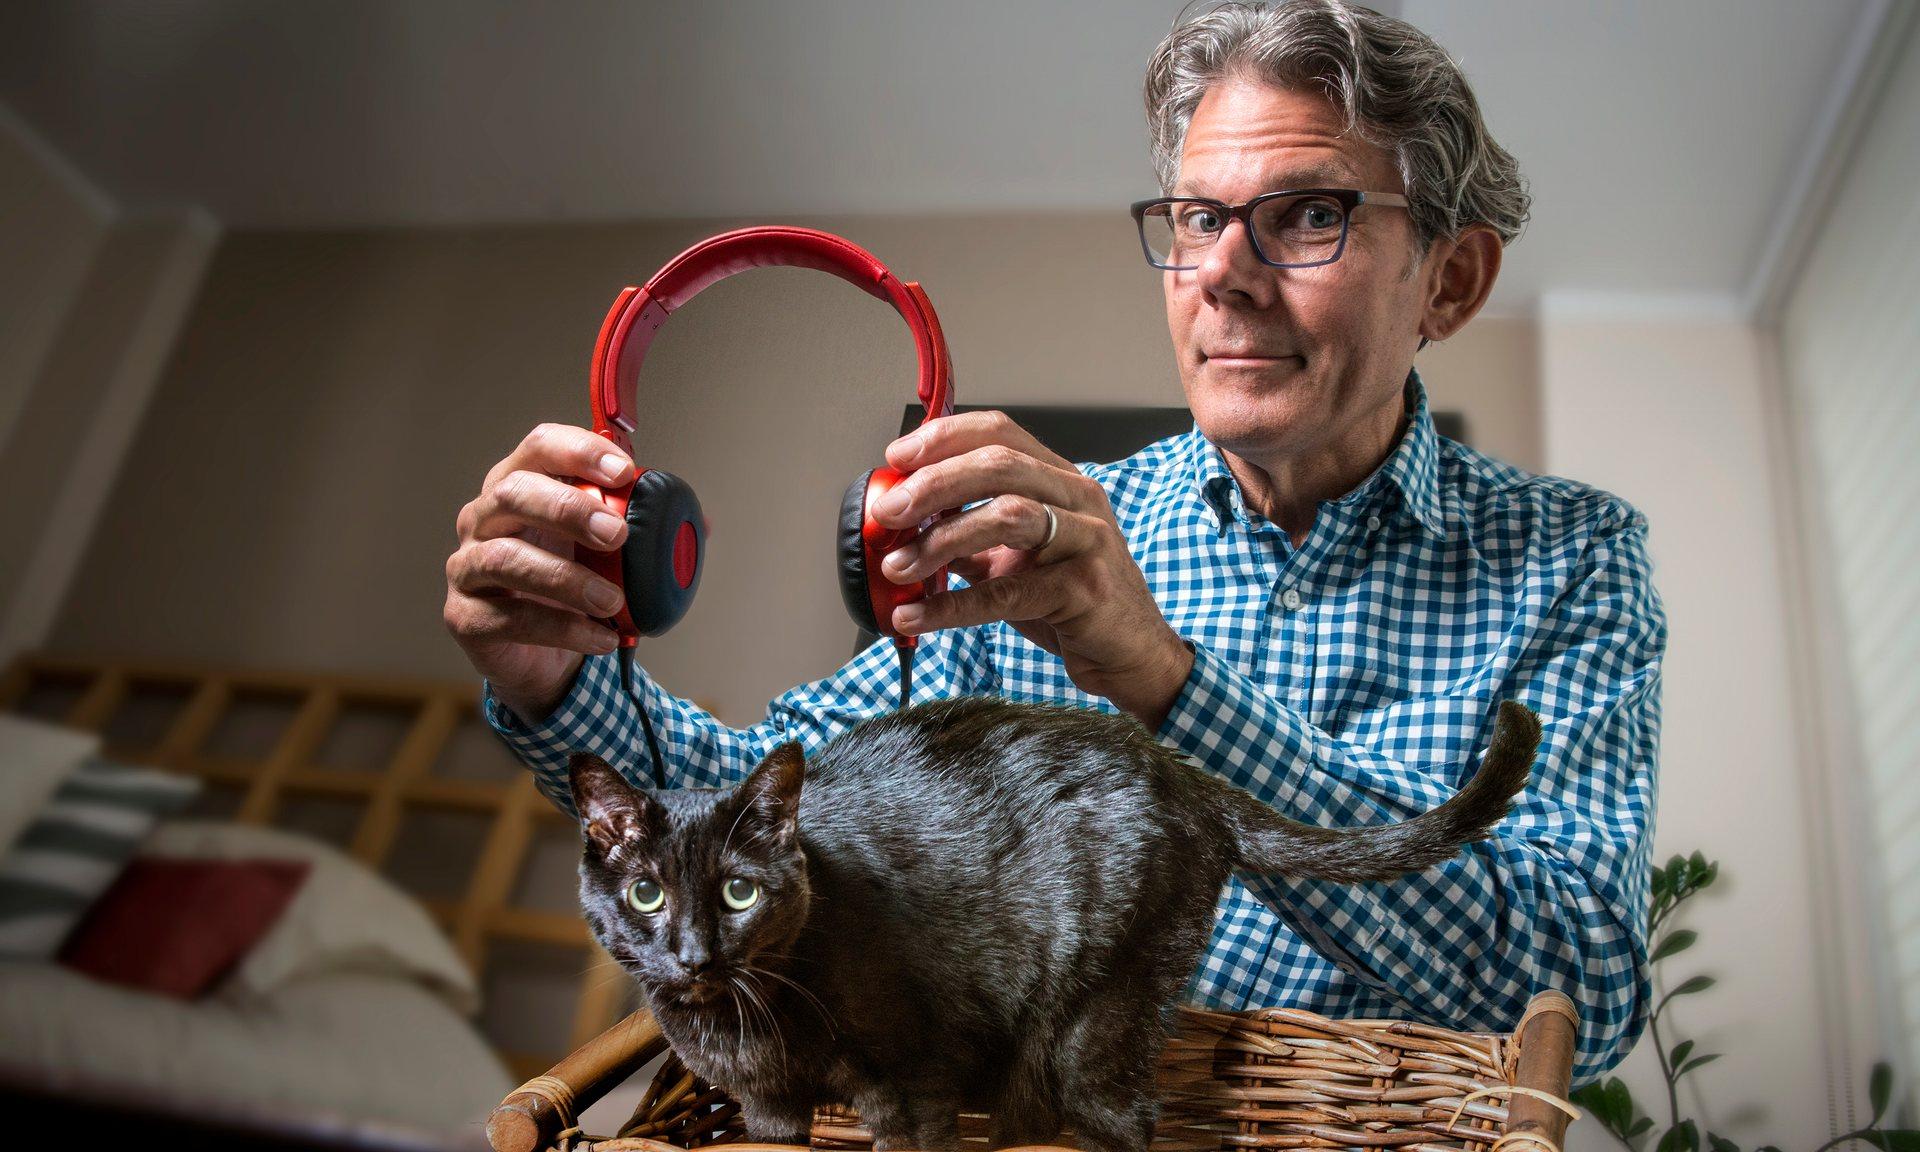 """วันที่ 22 เดือน 2 """"วันแห่งแมว"""" ญี่ปุ่นวางจำหน่ายอัลบั้ม 『ねこのための音楽 ~ Music For Cats』"""